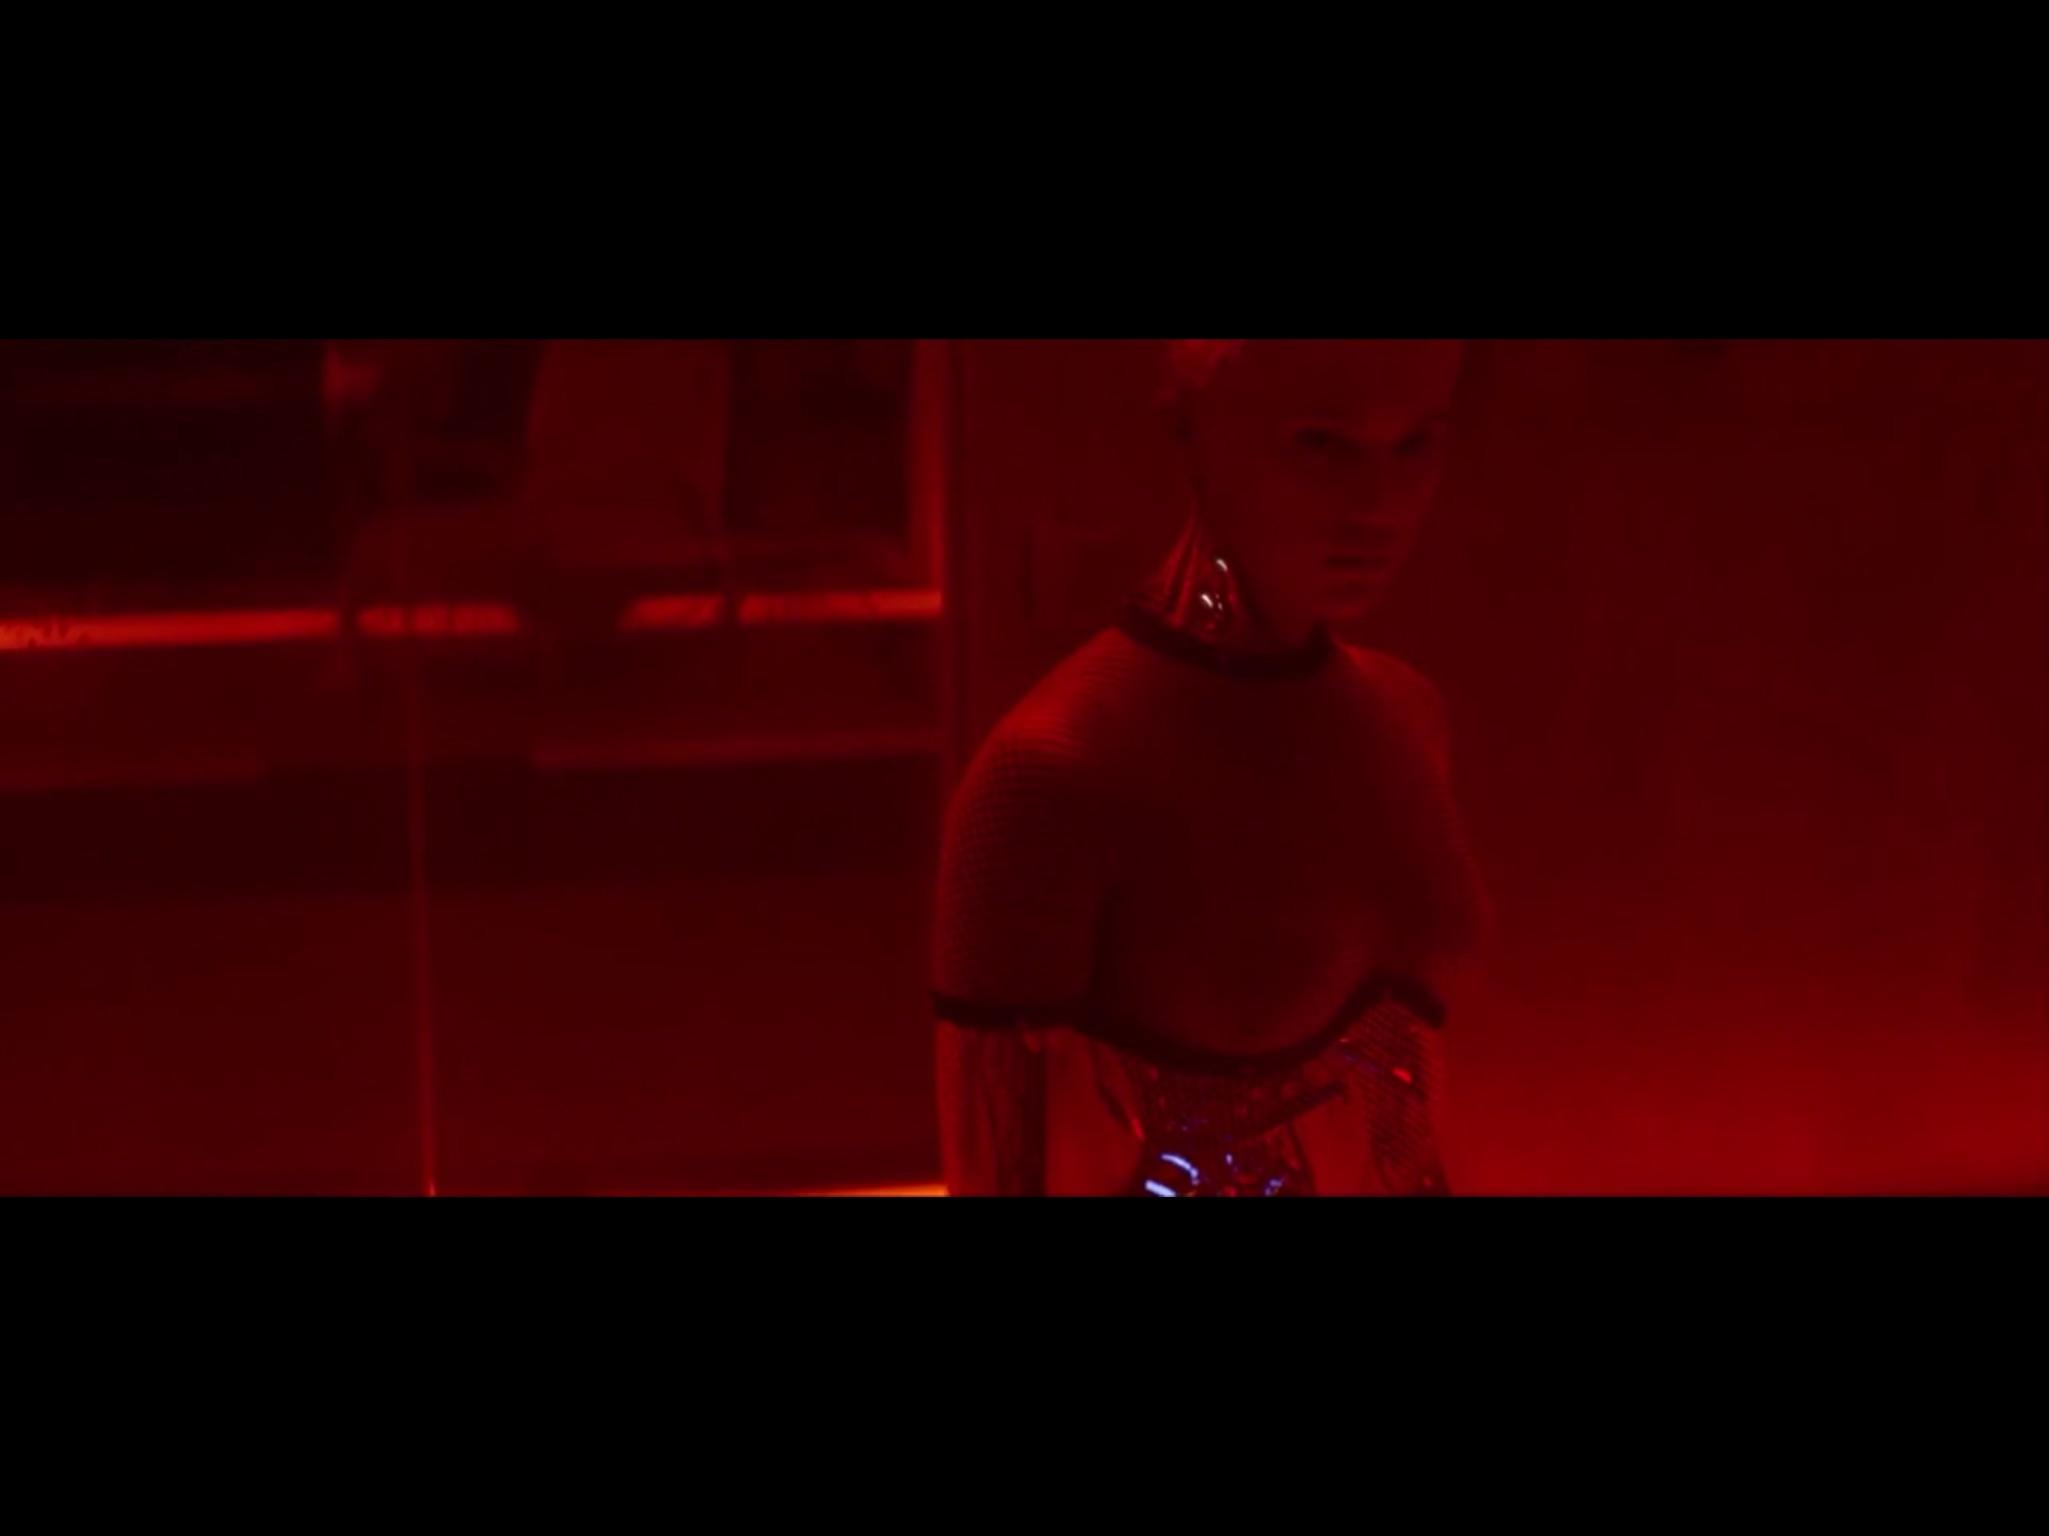 ex-machina-movie-screenshot-14.JPG